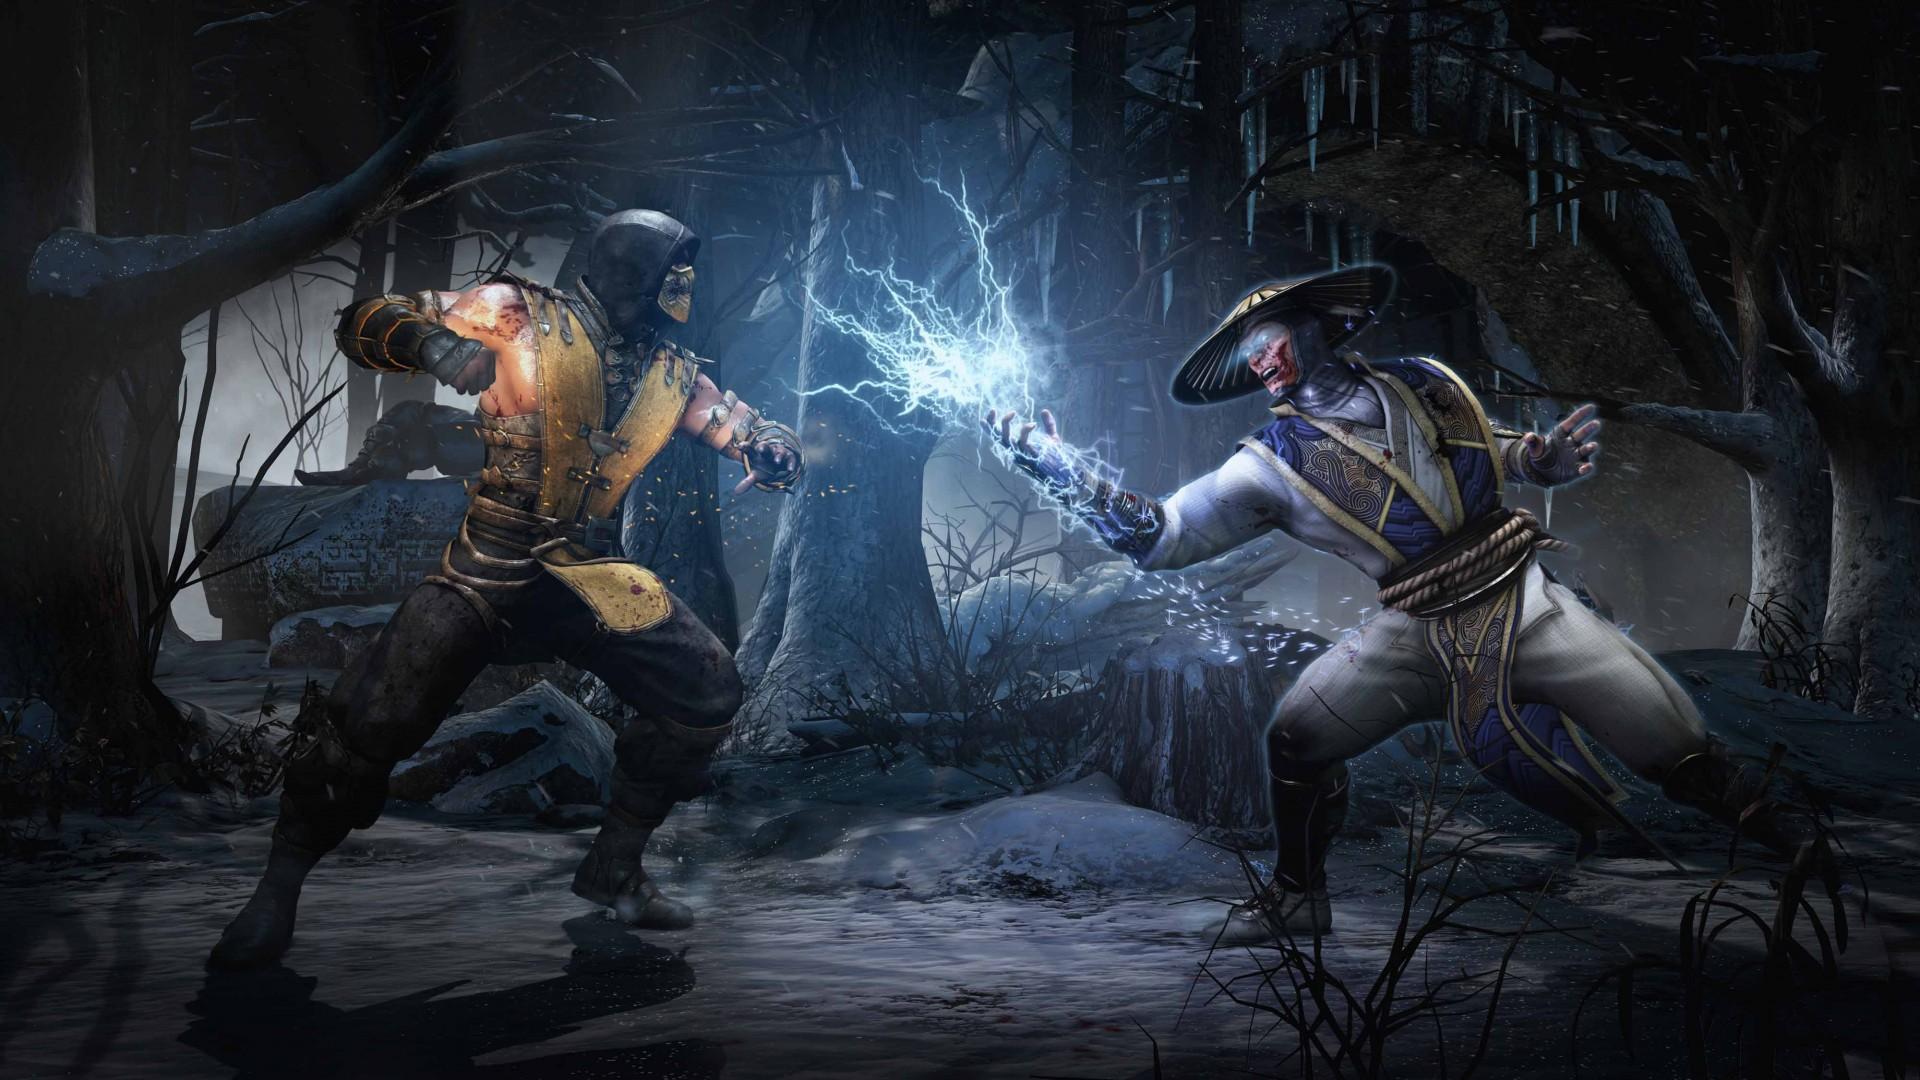 Mortal Kombat X vem com novo fôlego, mas sem revolucionar